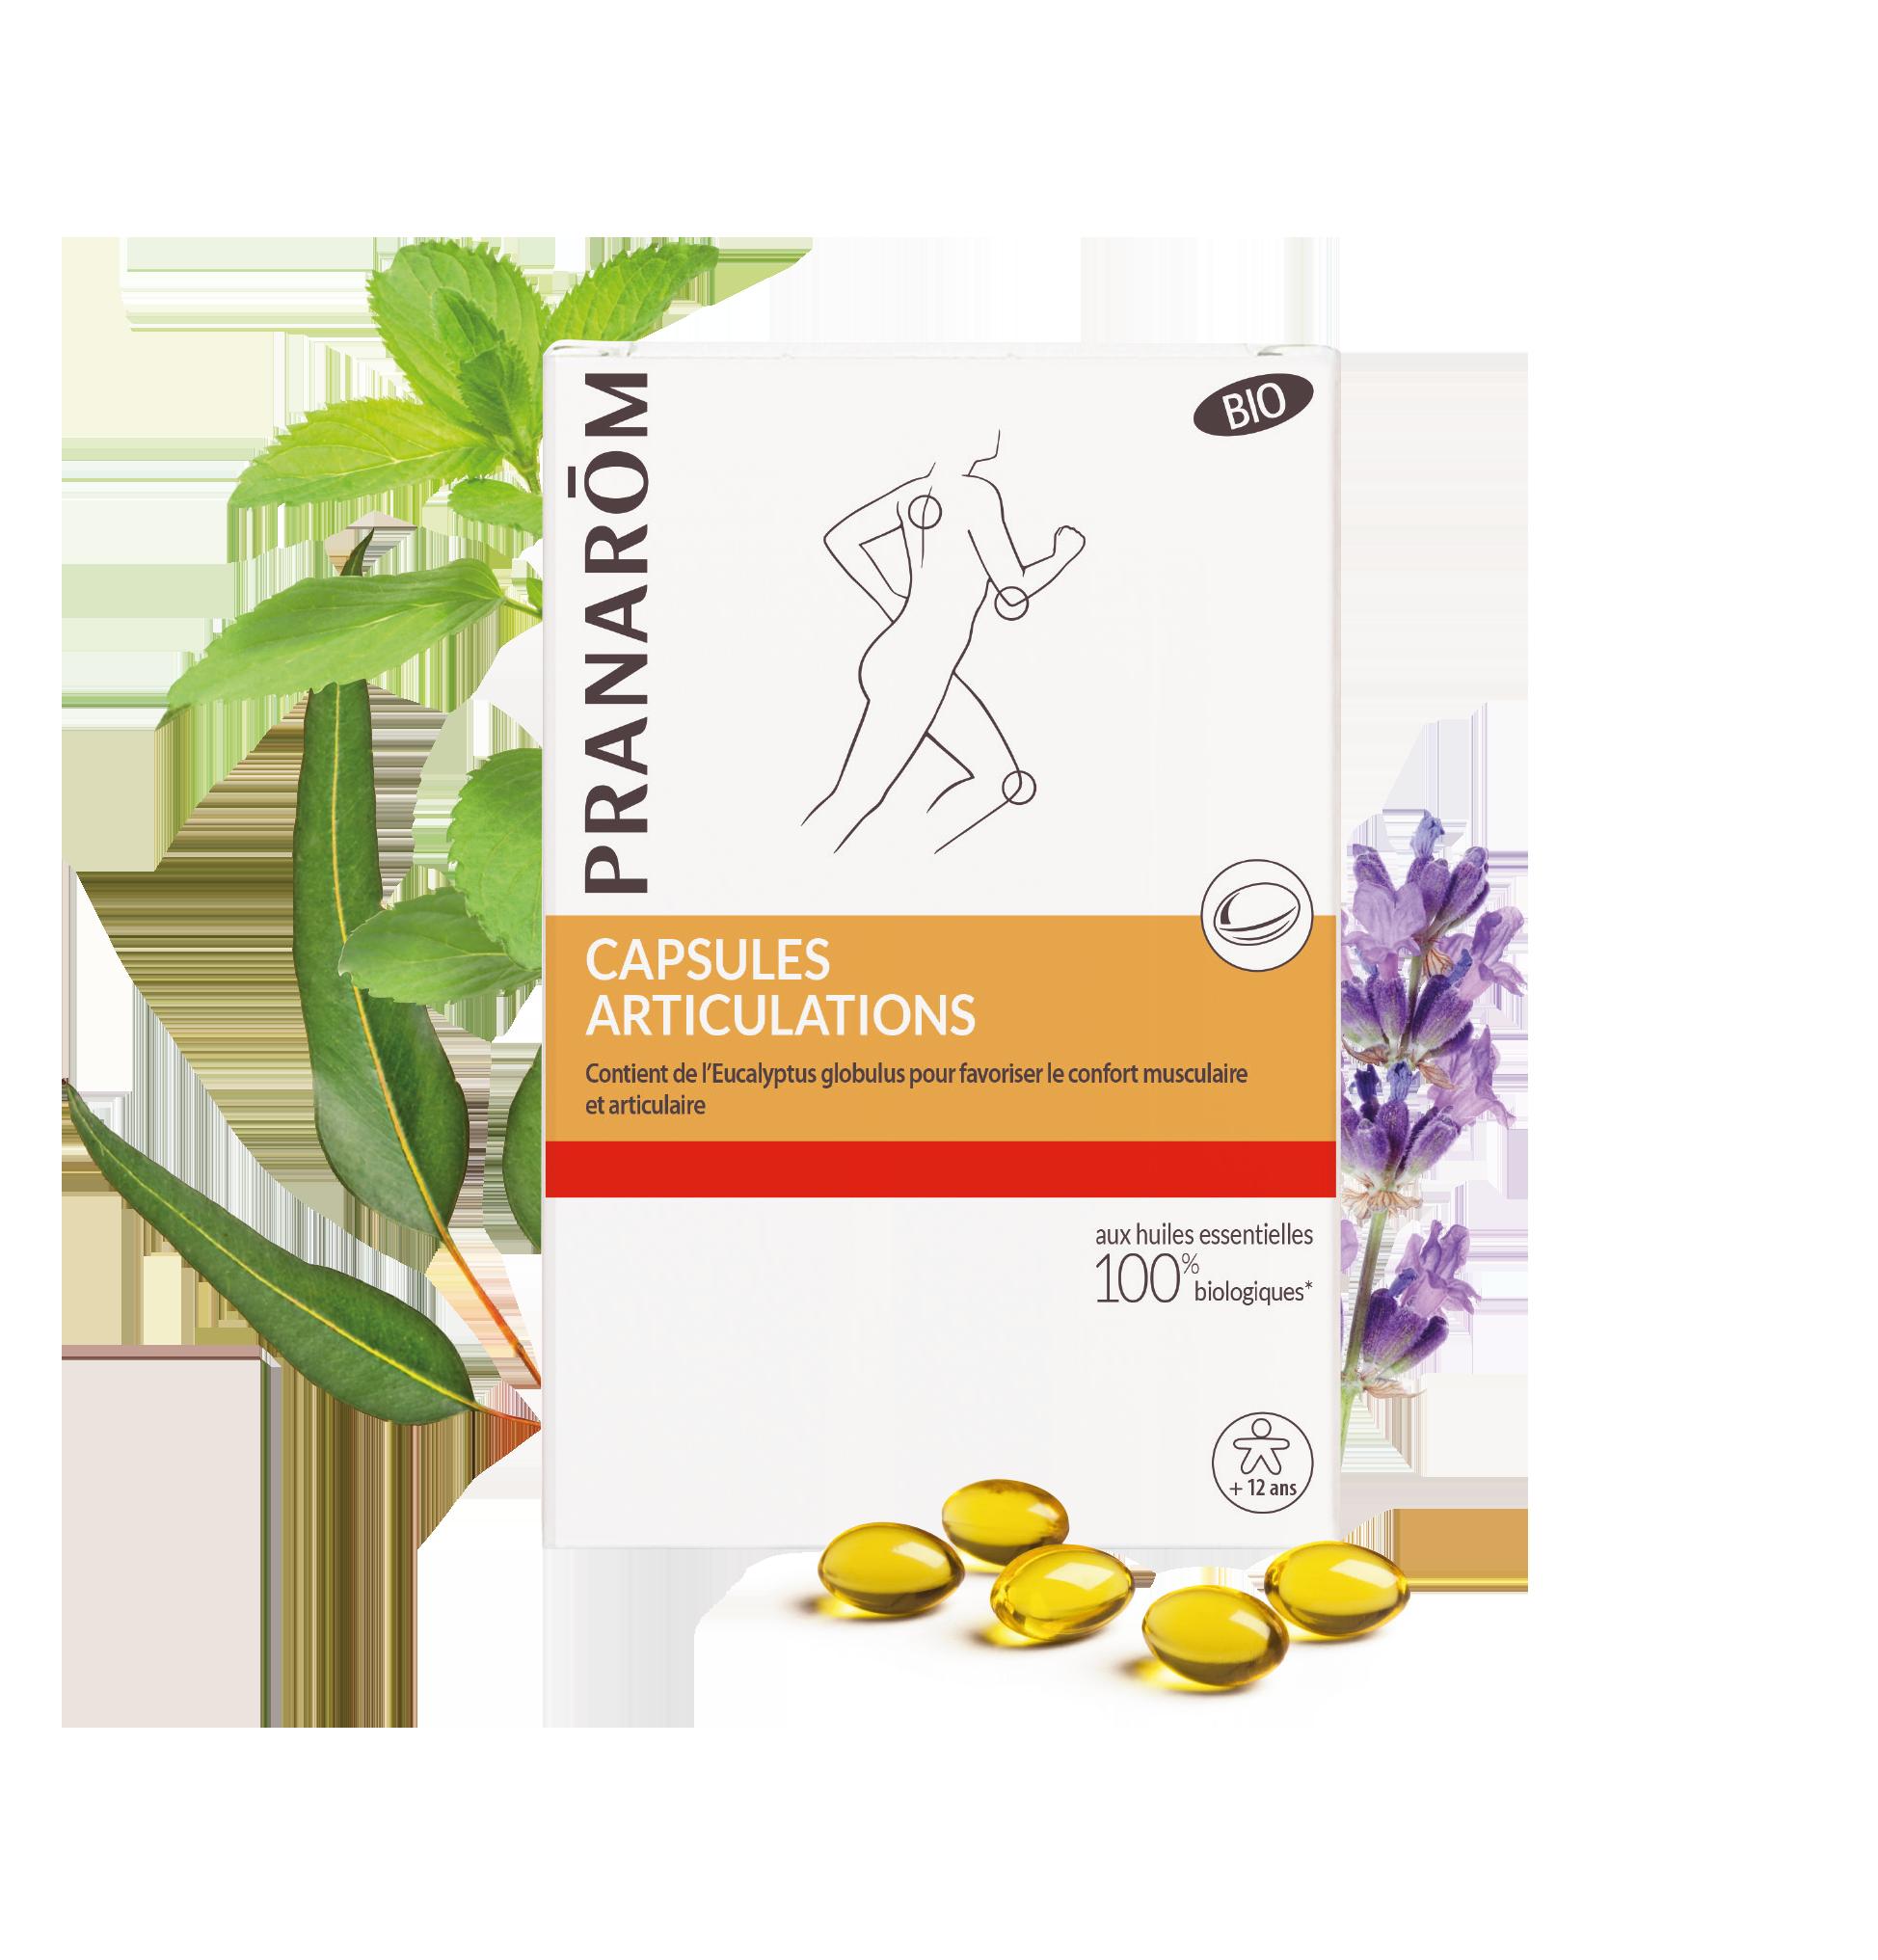 Aromalgic-FR-CapsulesArticulations-Boite+Plantes